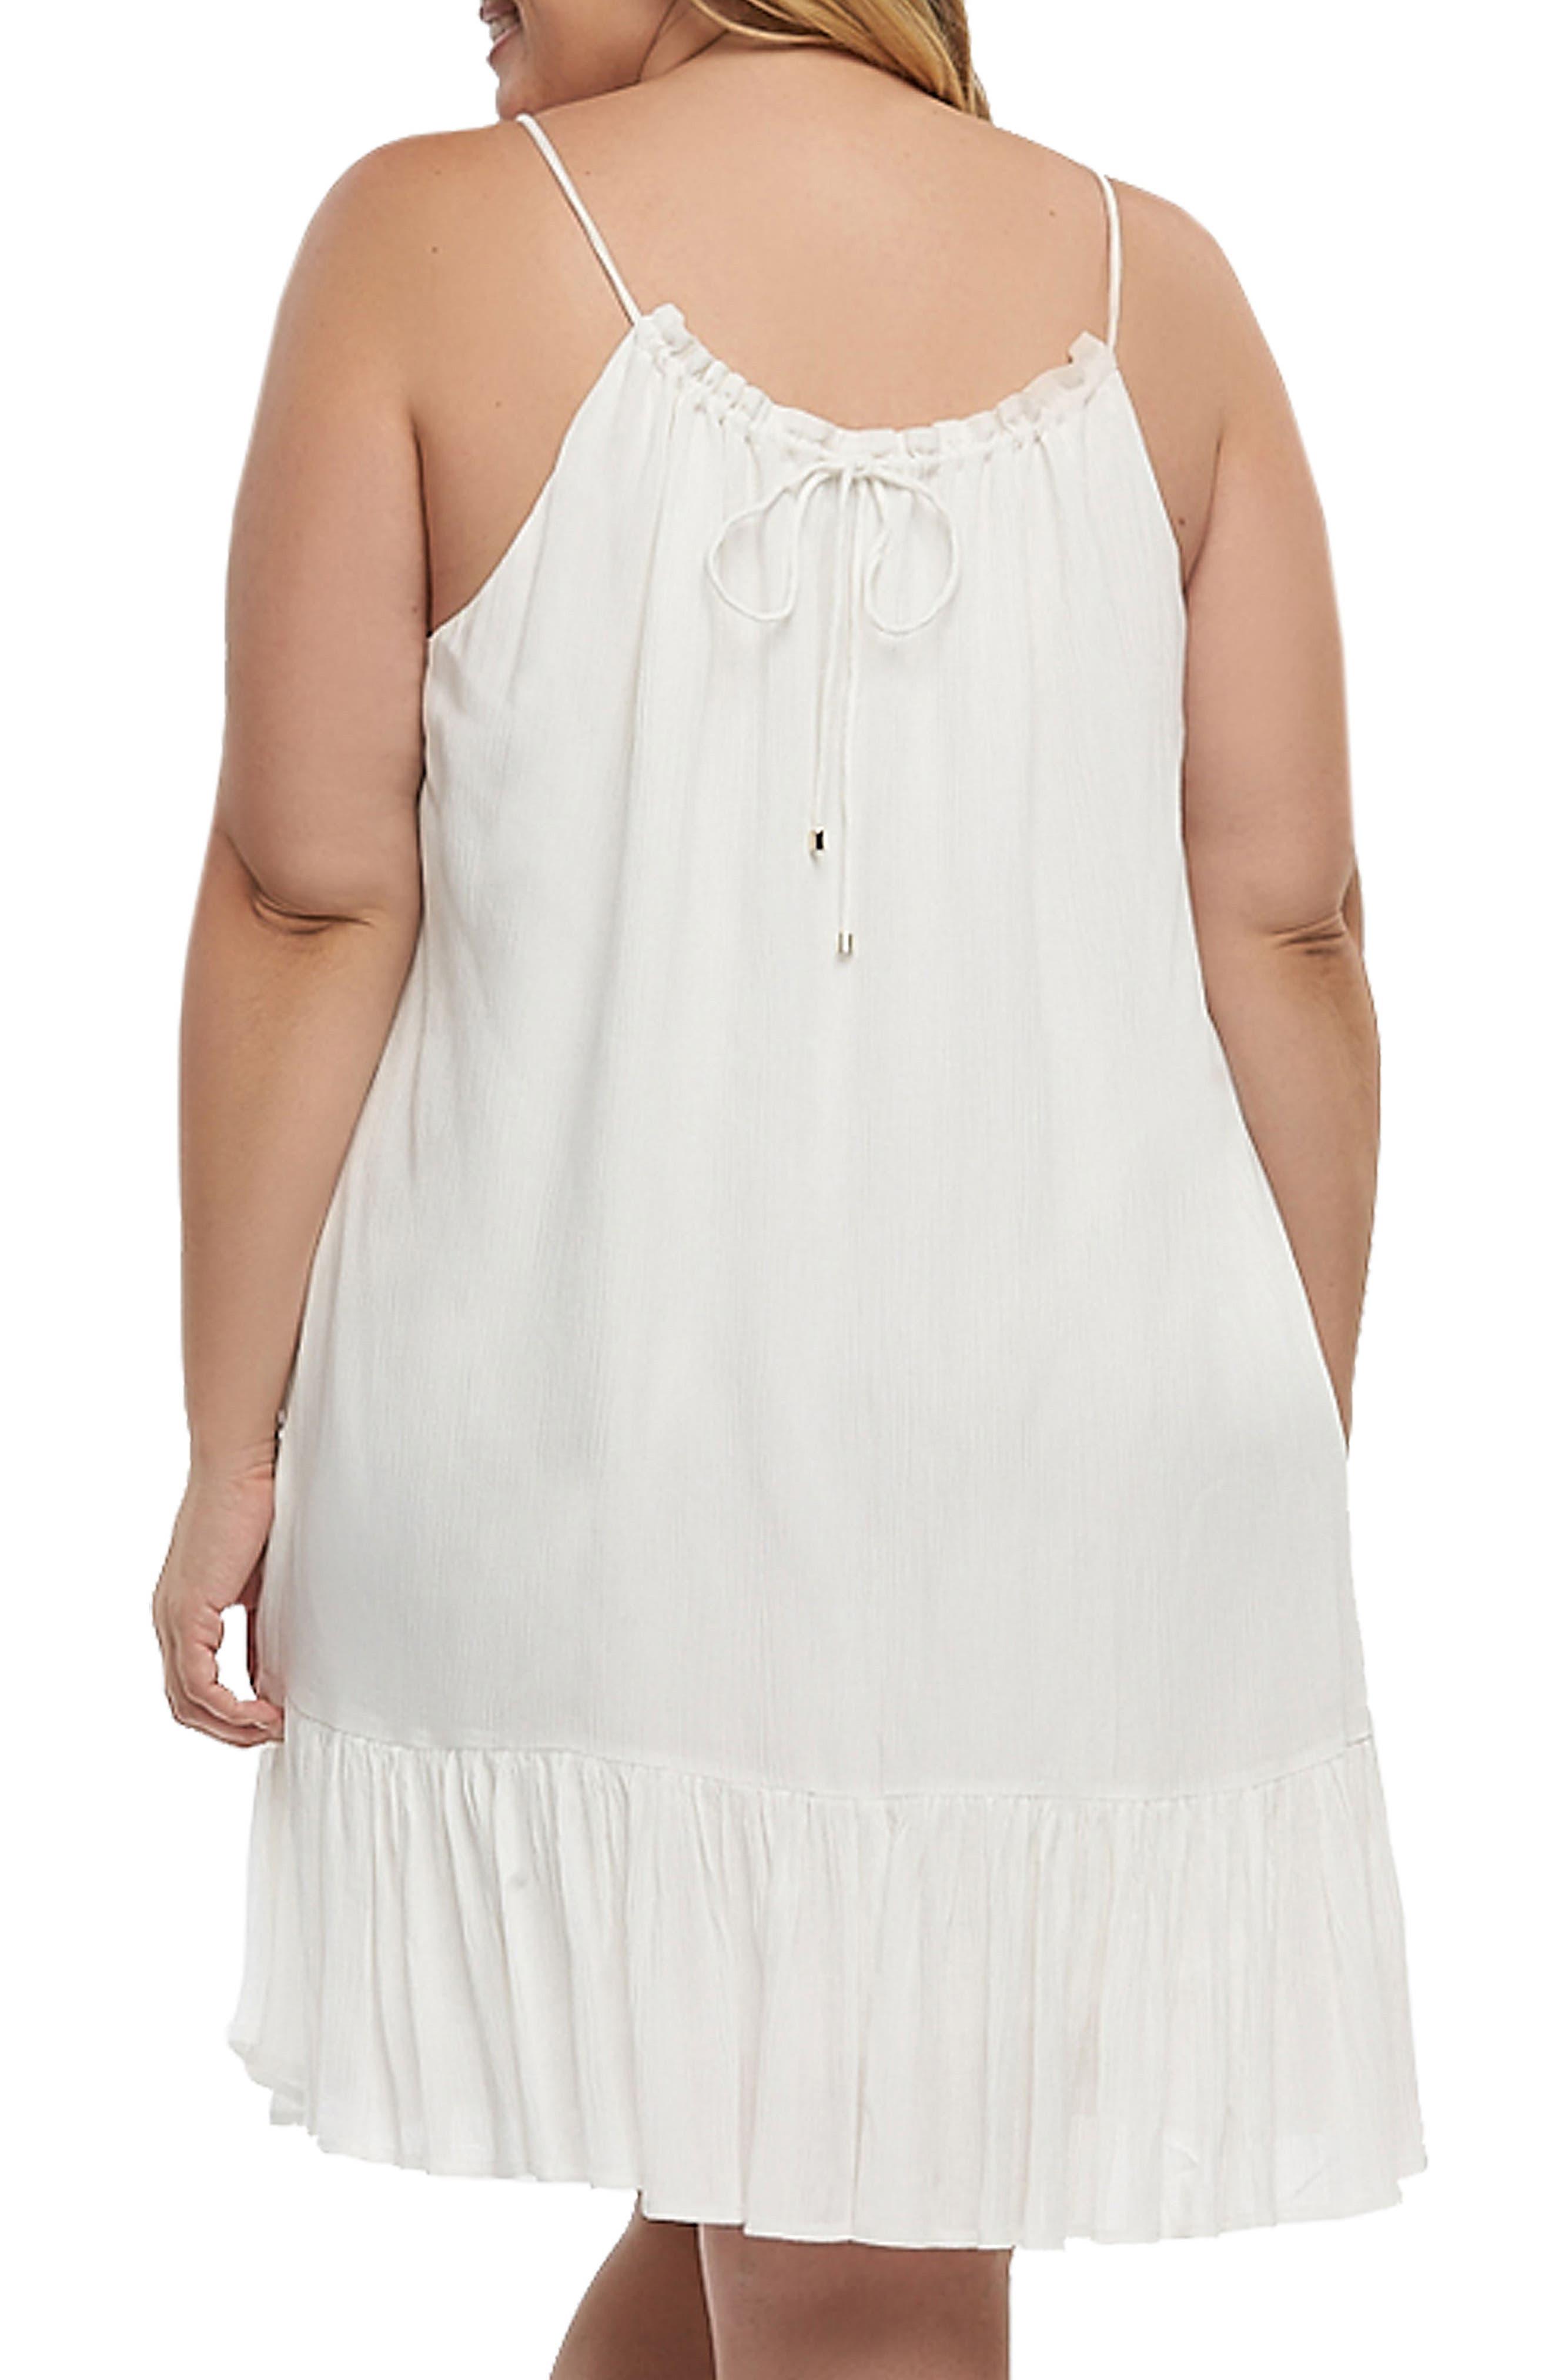 Liz Halter Top Baby Doll Dress,                             Alternate thumbnail 2, color,                             White